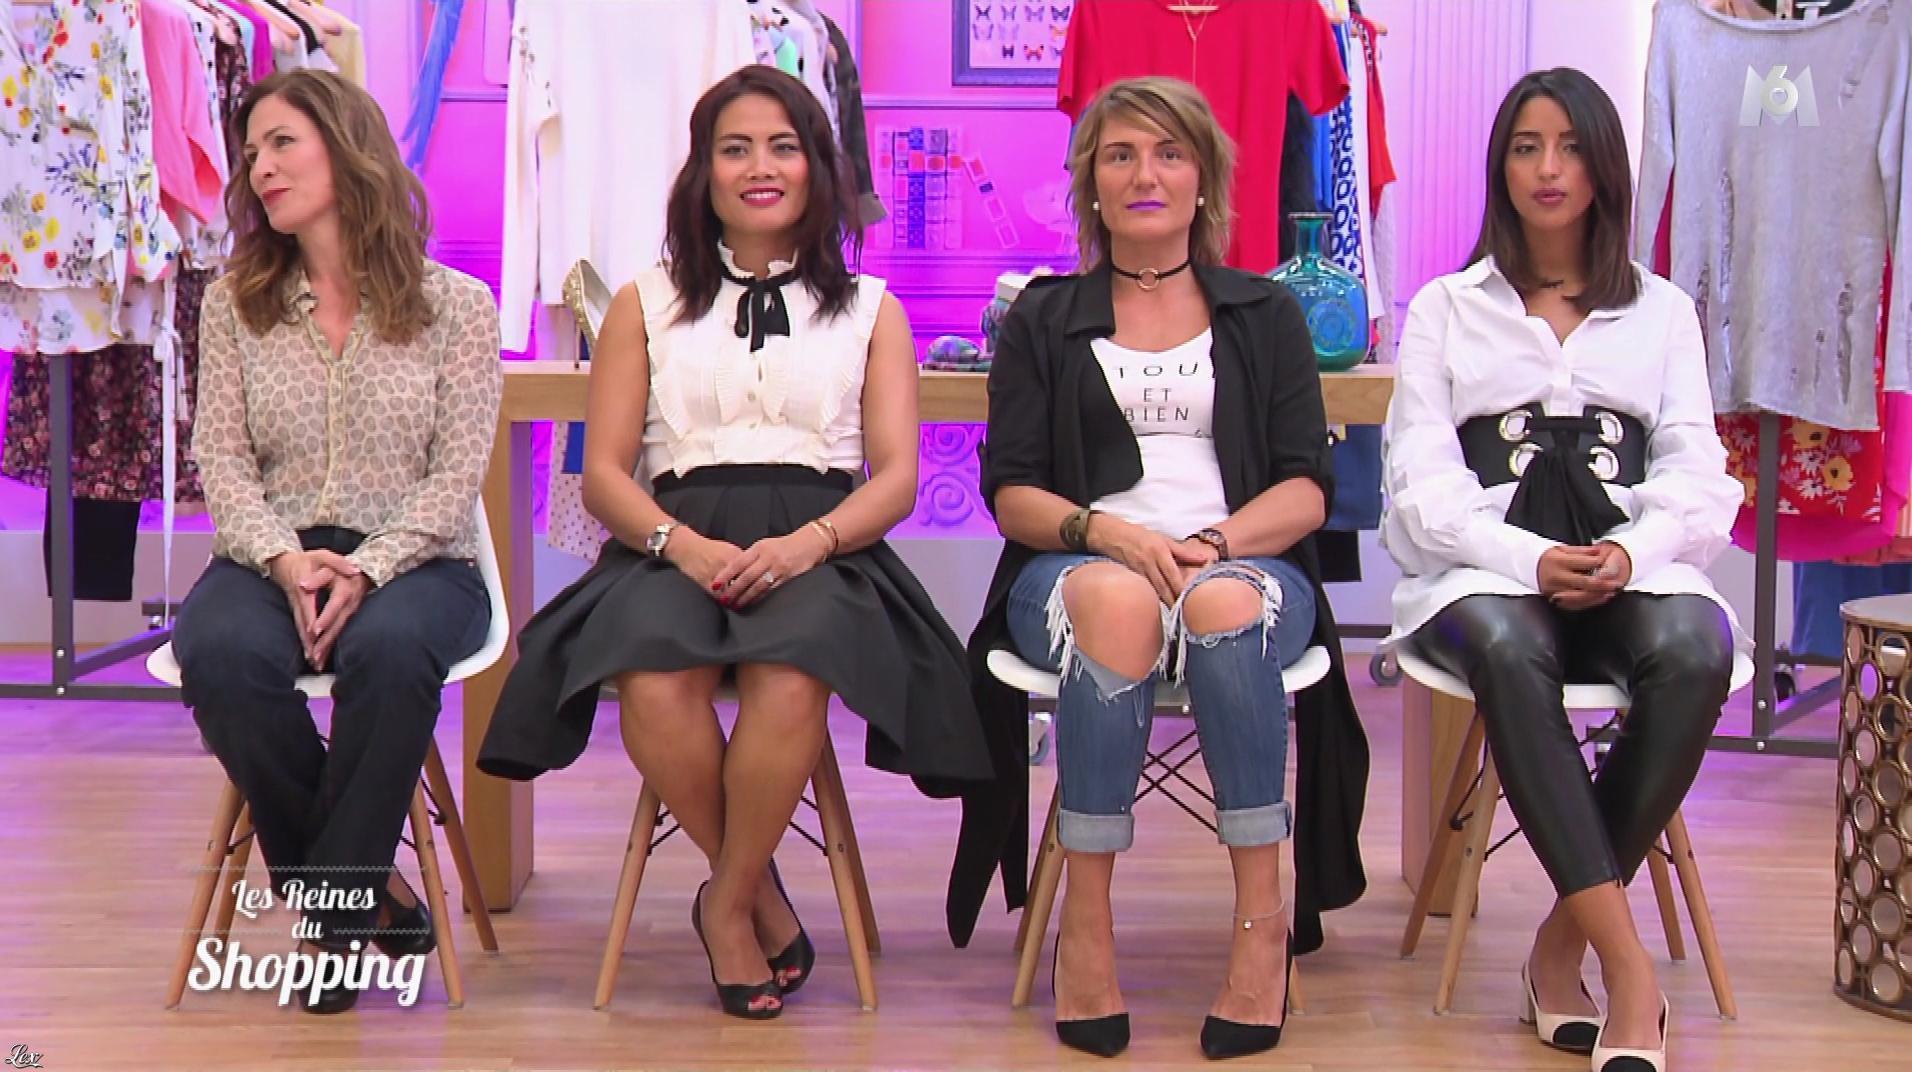 Une Candidate dans les Reines du Shopping. Diffusé à la télévision le 17/01/18.